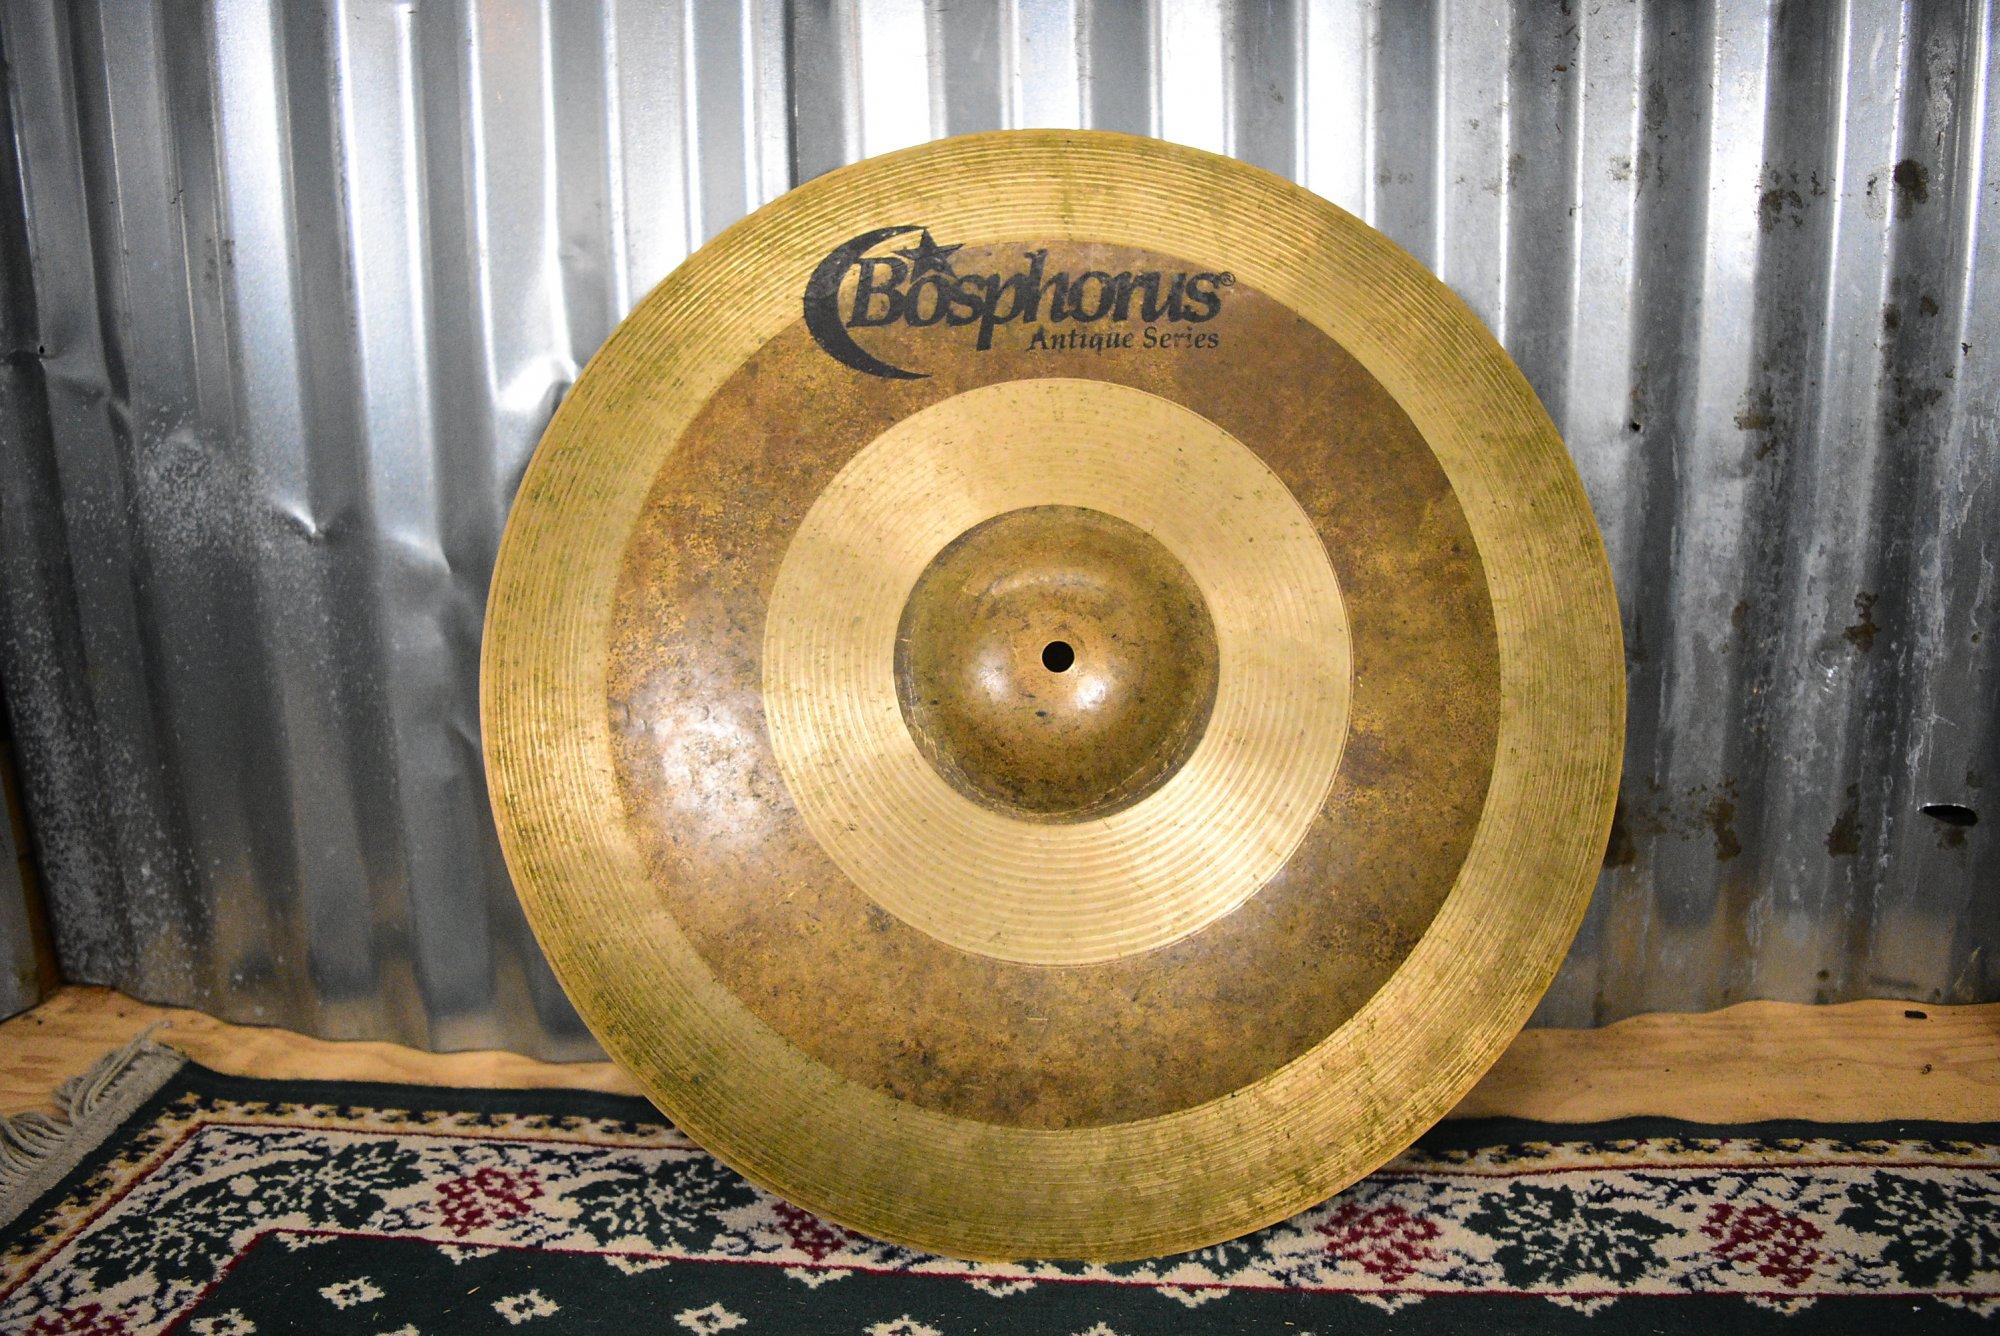 Bosphorus Antique Series Thin Ride 20